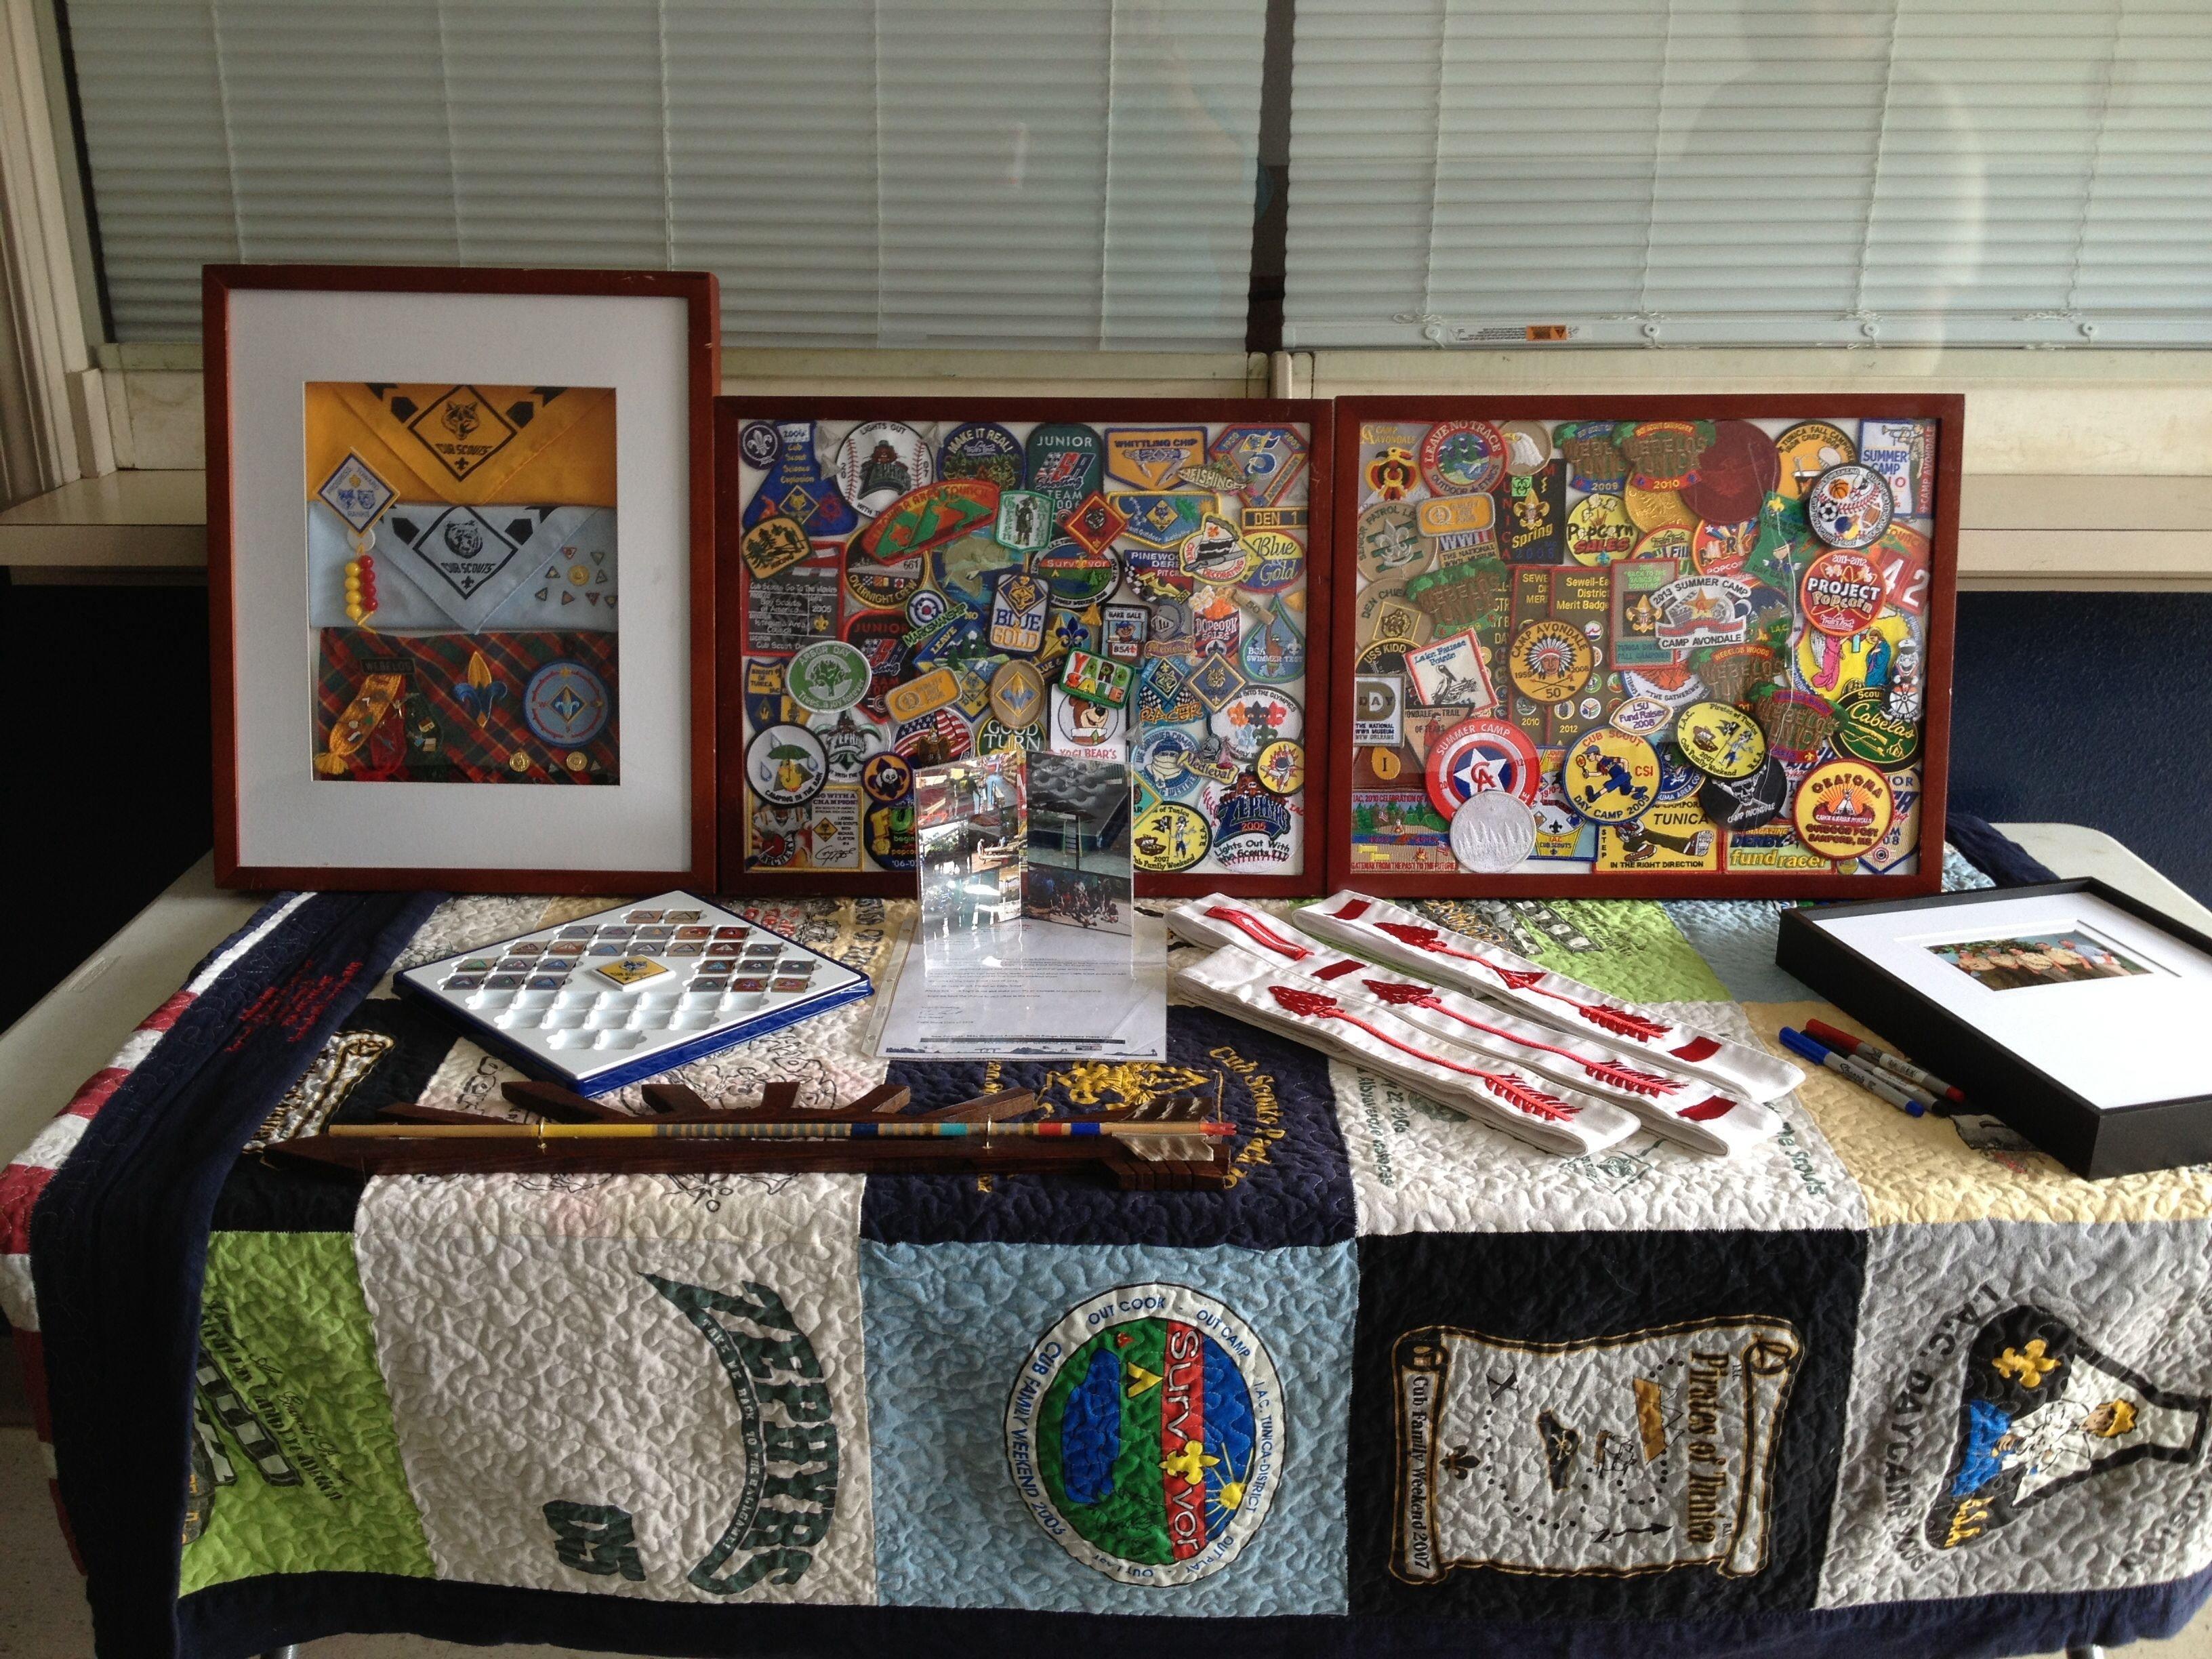 10 Perfect Eagle Court Of Honor Ideas eagle court of honor display table eagle court of honor ideas 2020